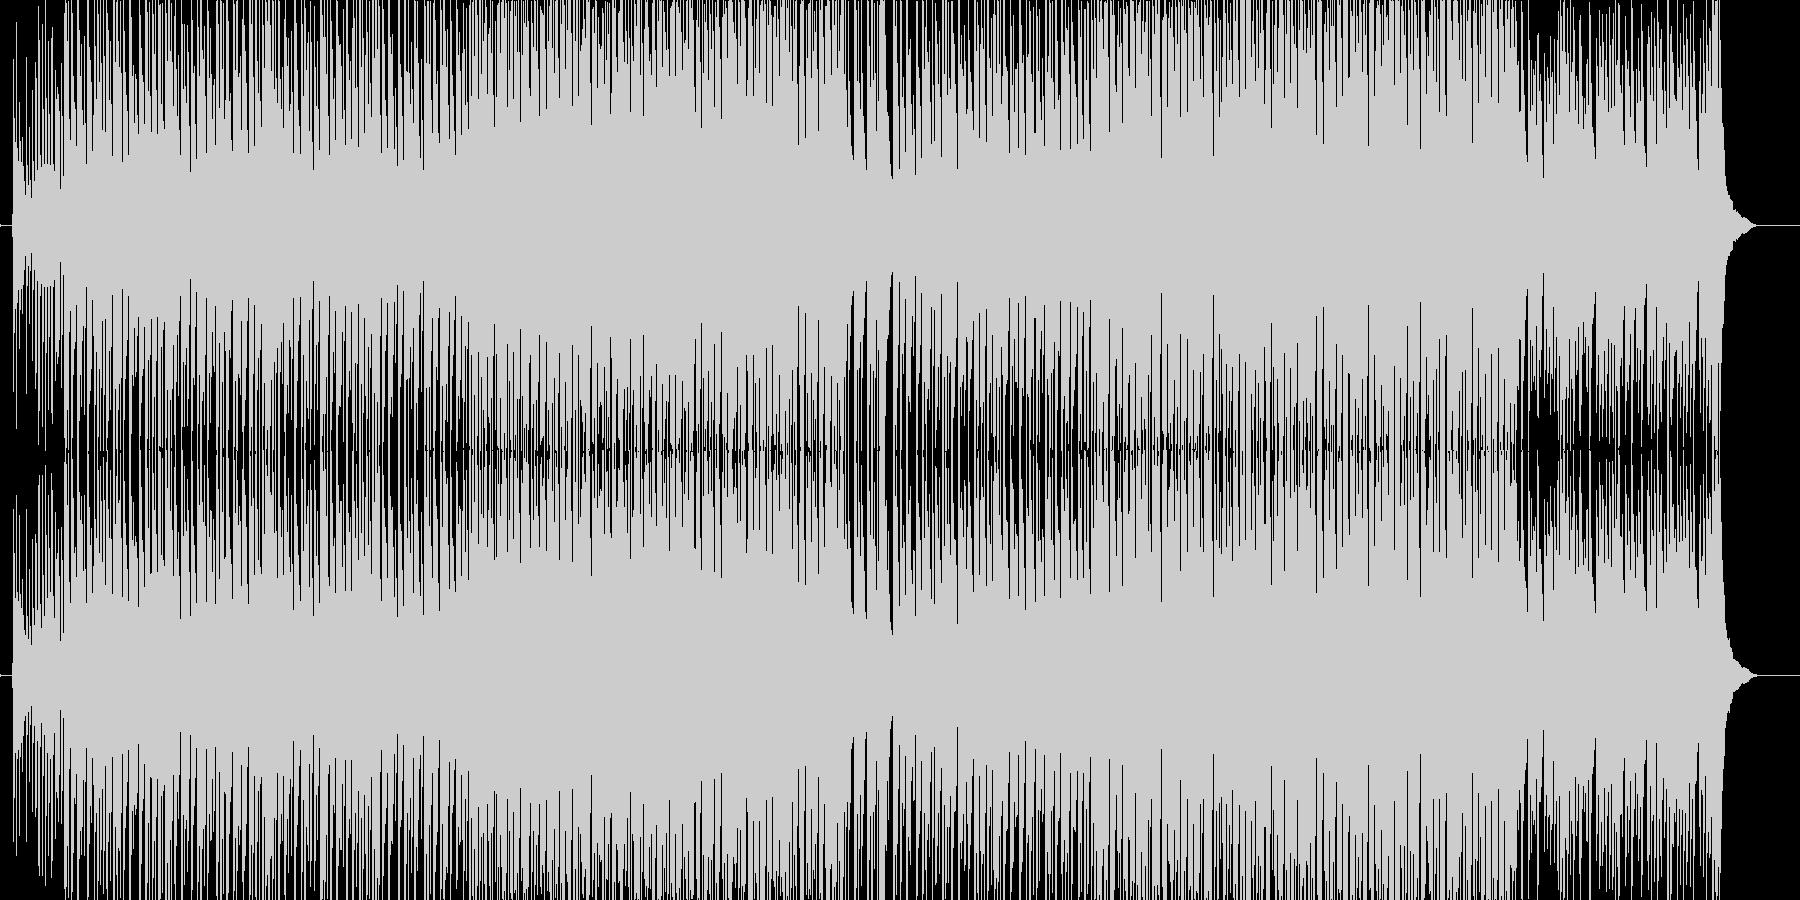 ど真ん中!太鼓と三味線と掛け声が熱い曲の未再生の波形